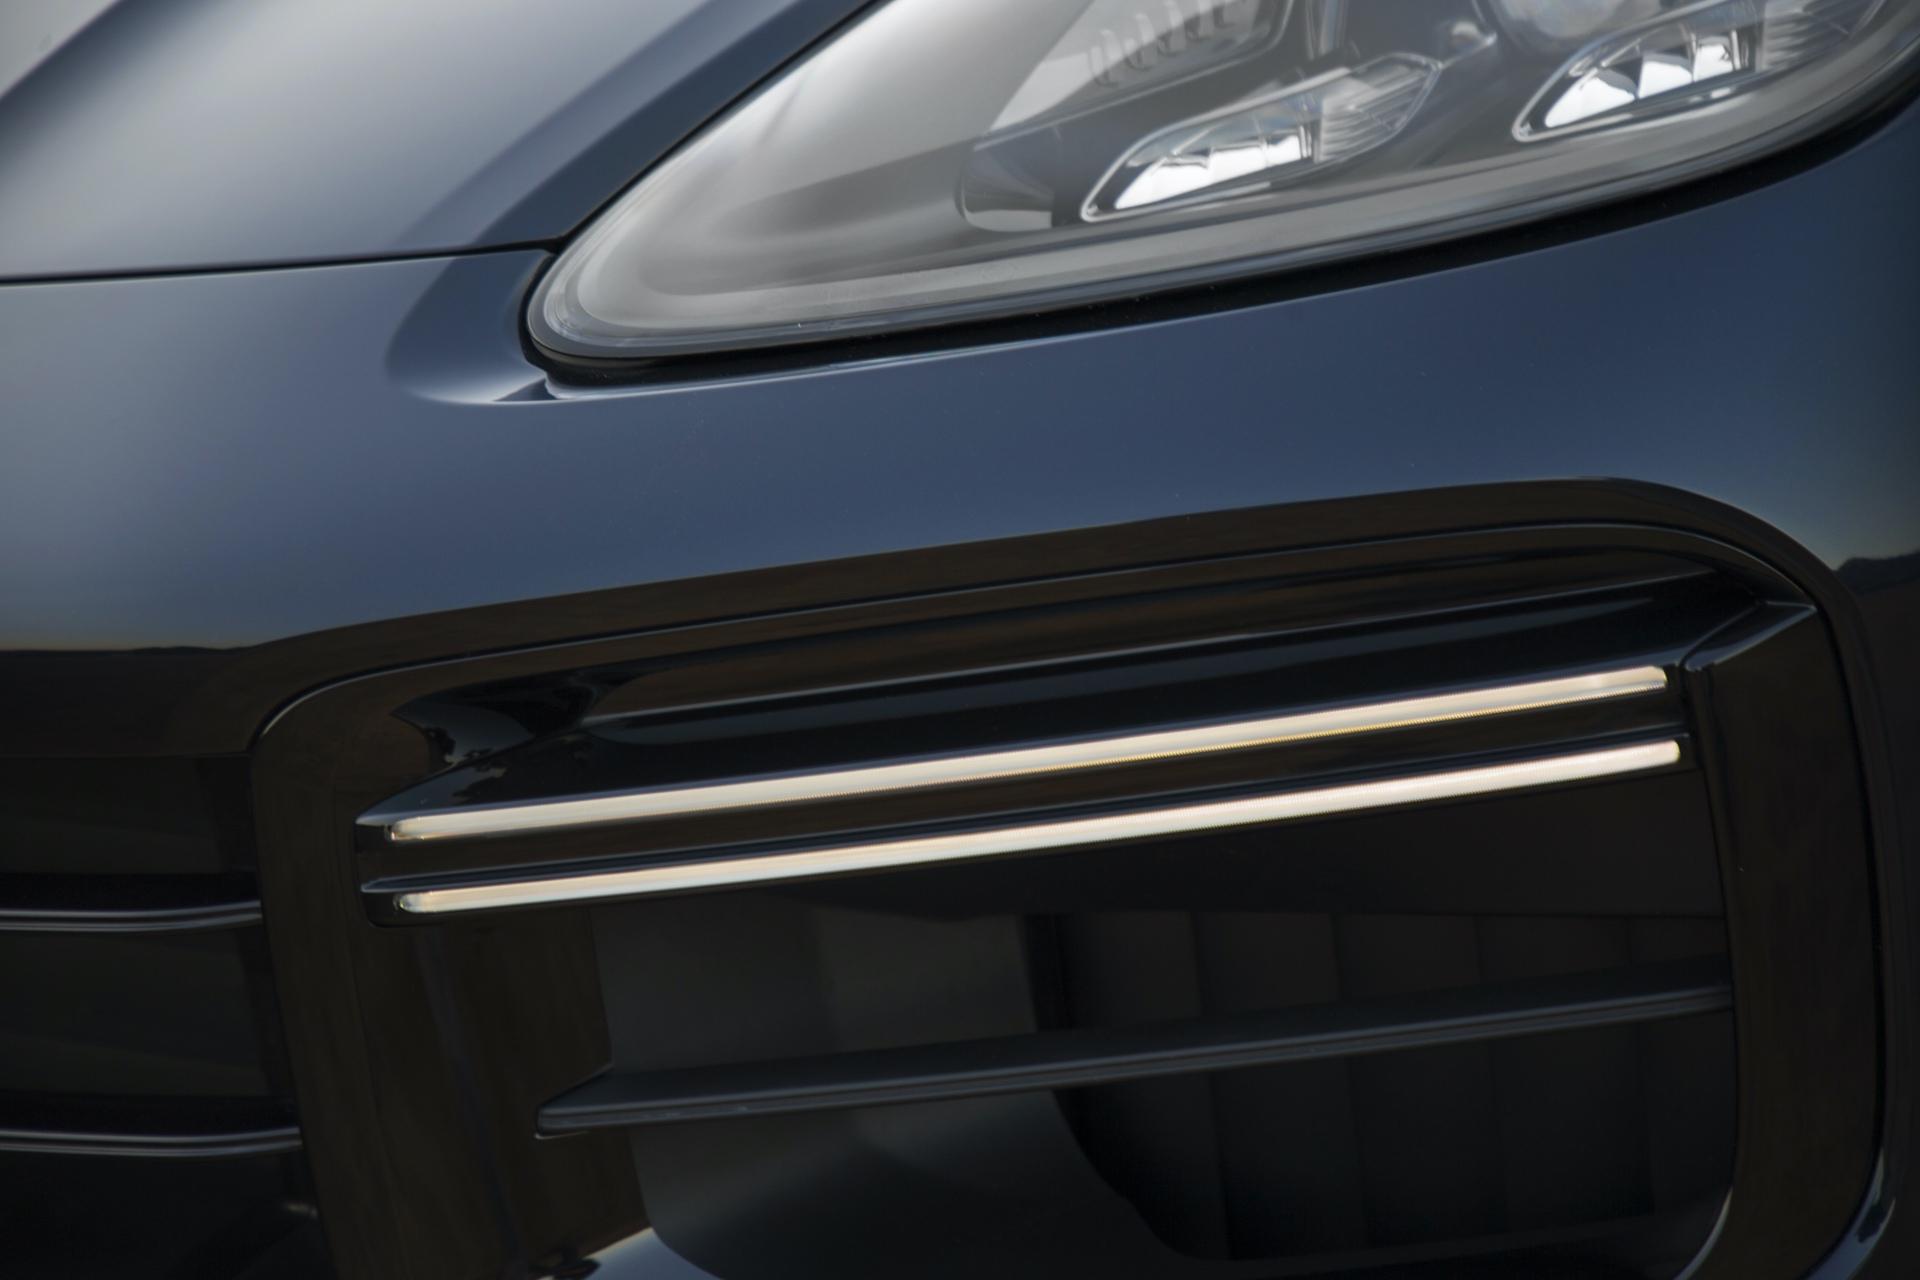 Test_Drive_Porsche_Cayenne_129